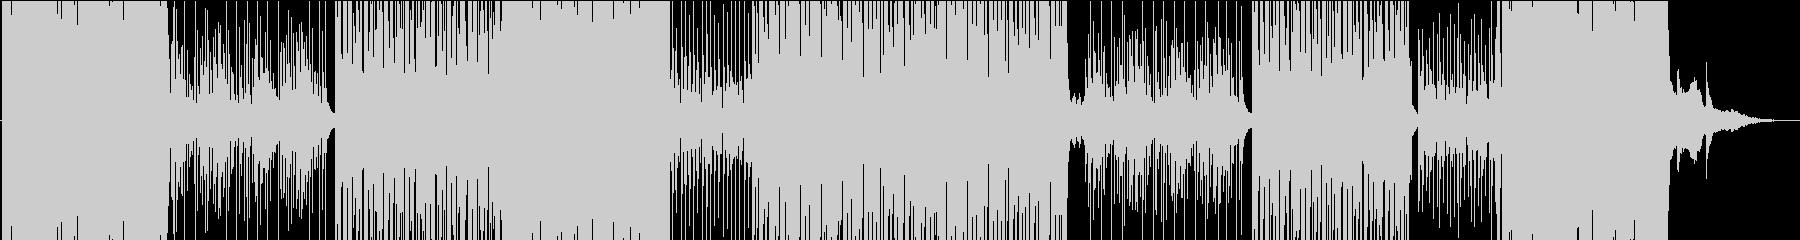 切ないメロのゆったりレガトンダンス楽曲の未再生の波形